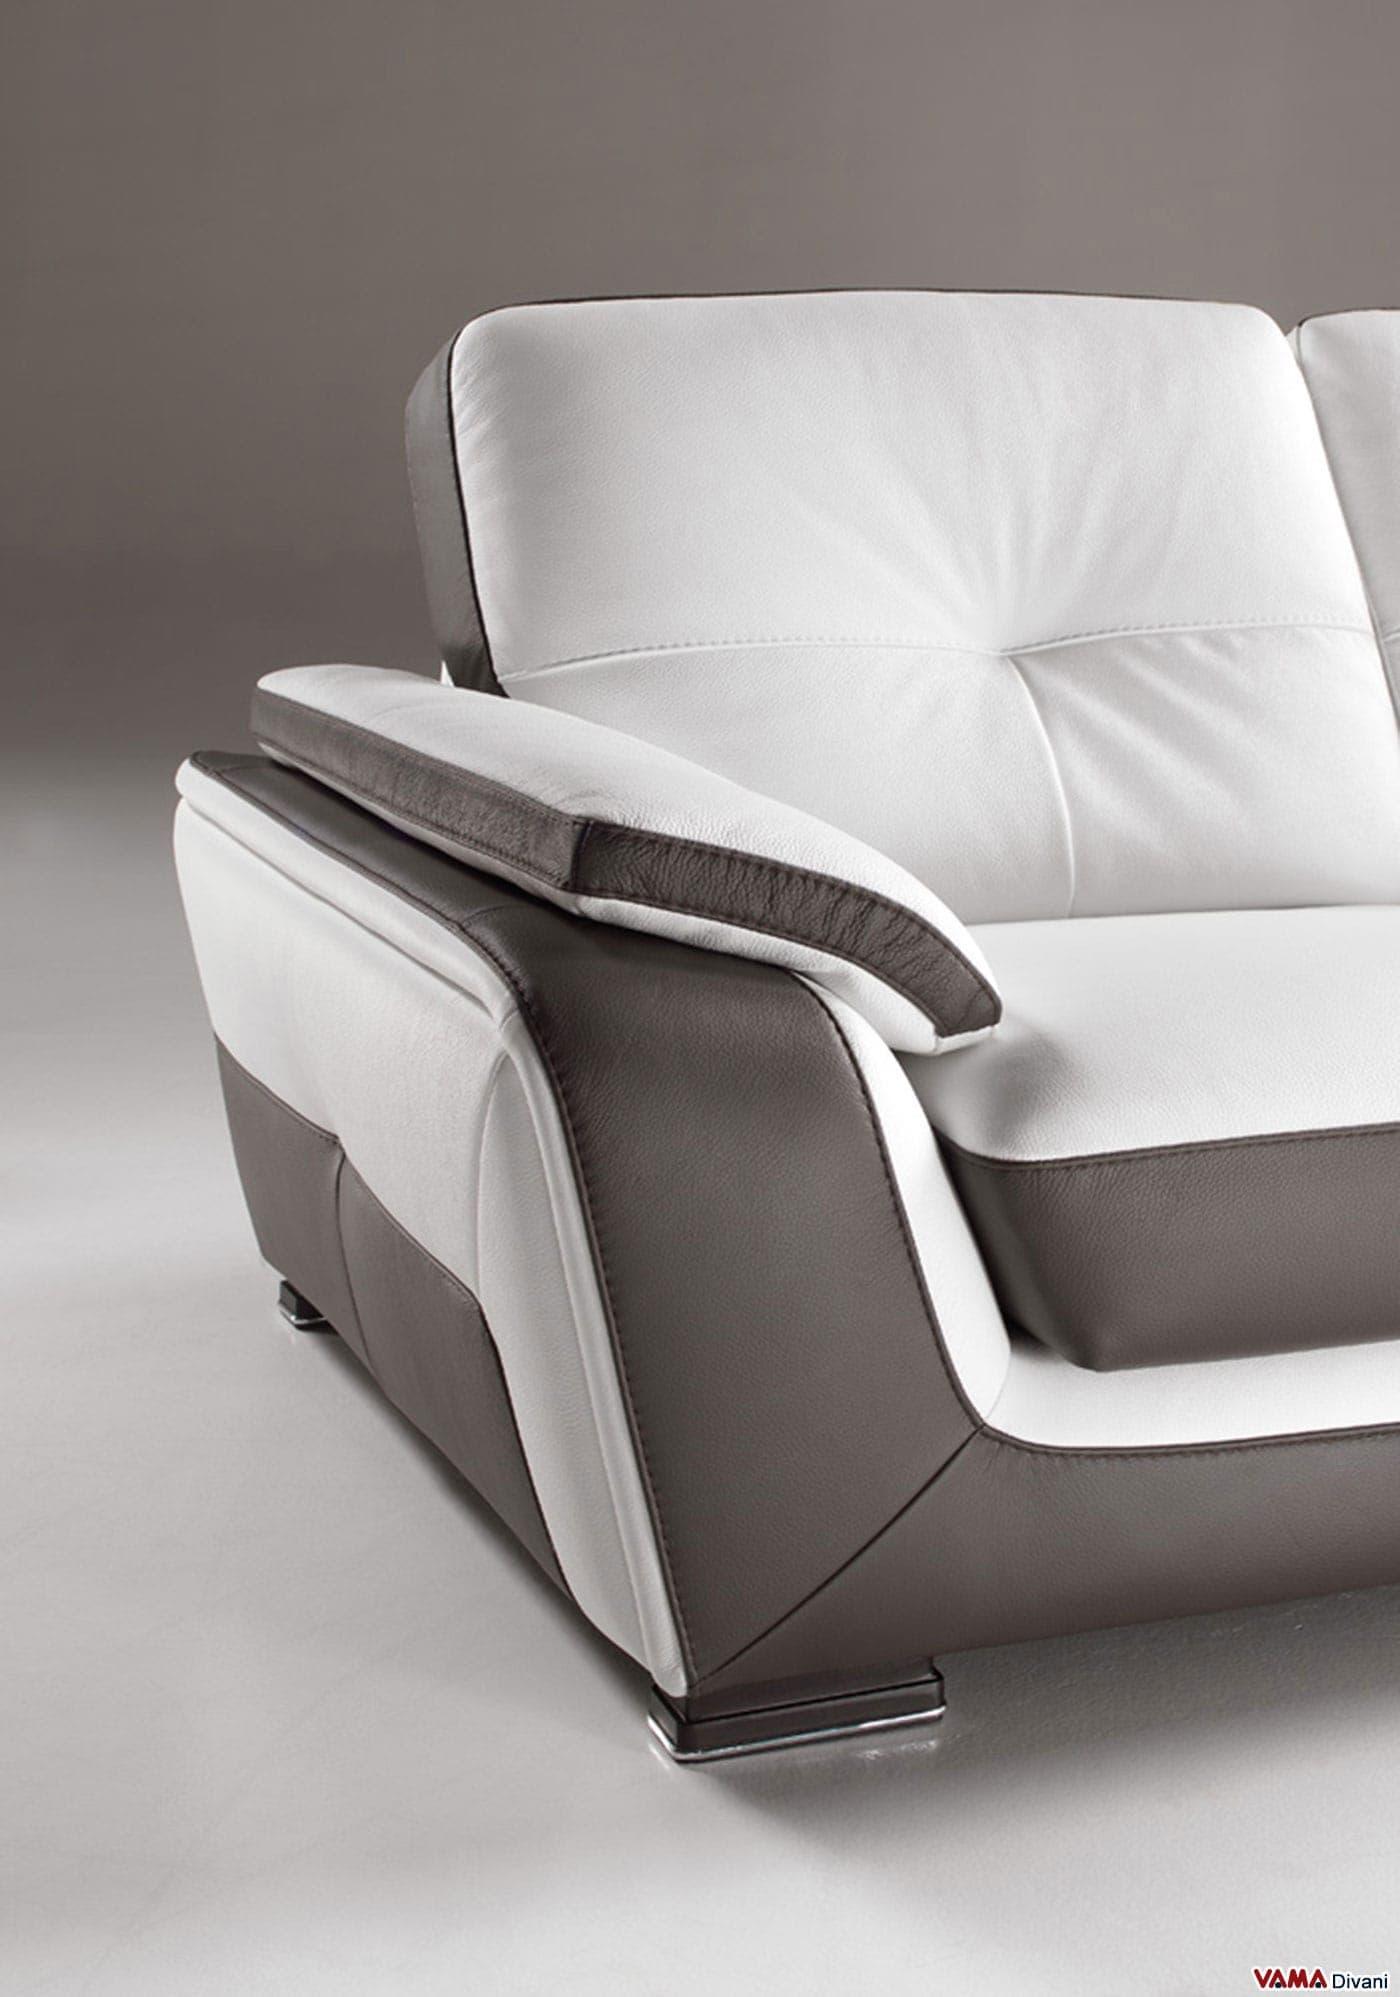 Divano angolare in vera pelle con penisola semitonda - Copridivano per divano in pelle con chaise longue ...